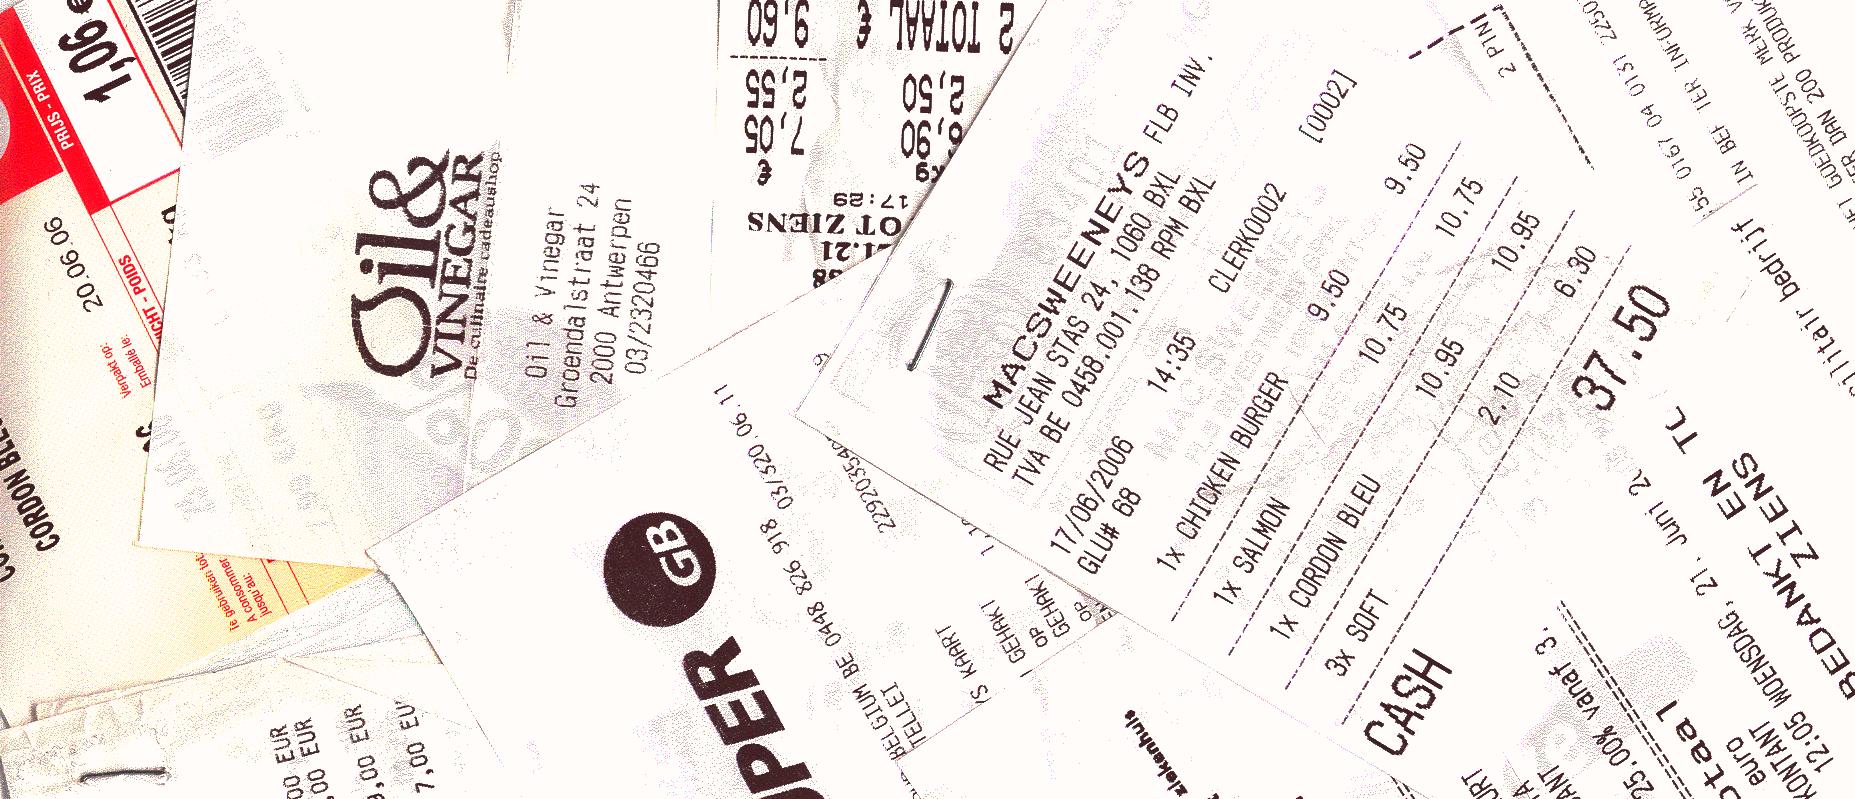 Europa se plantea eliminar el Bisfenol-A de los tickets